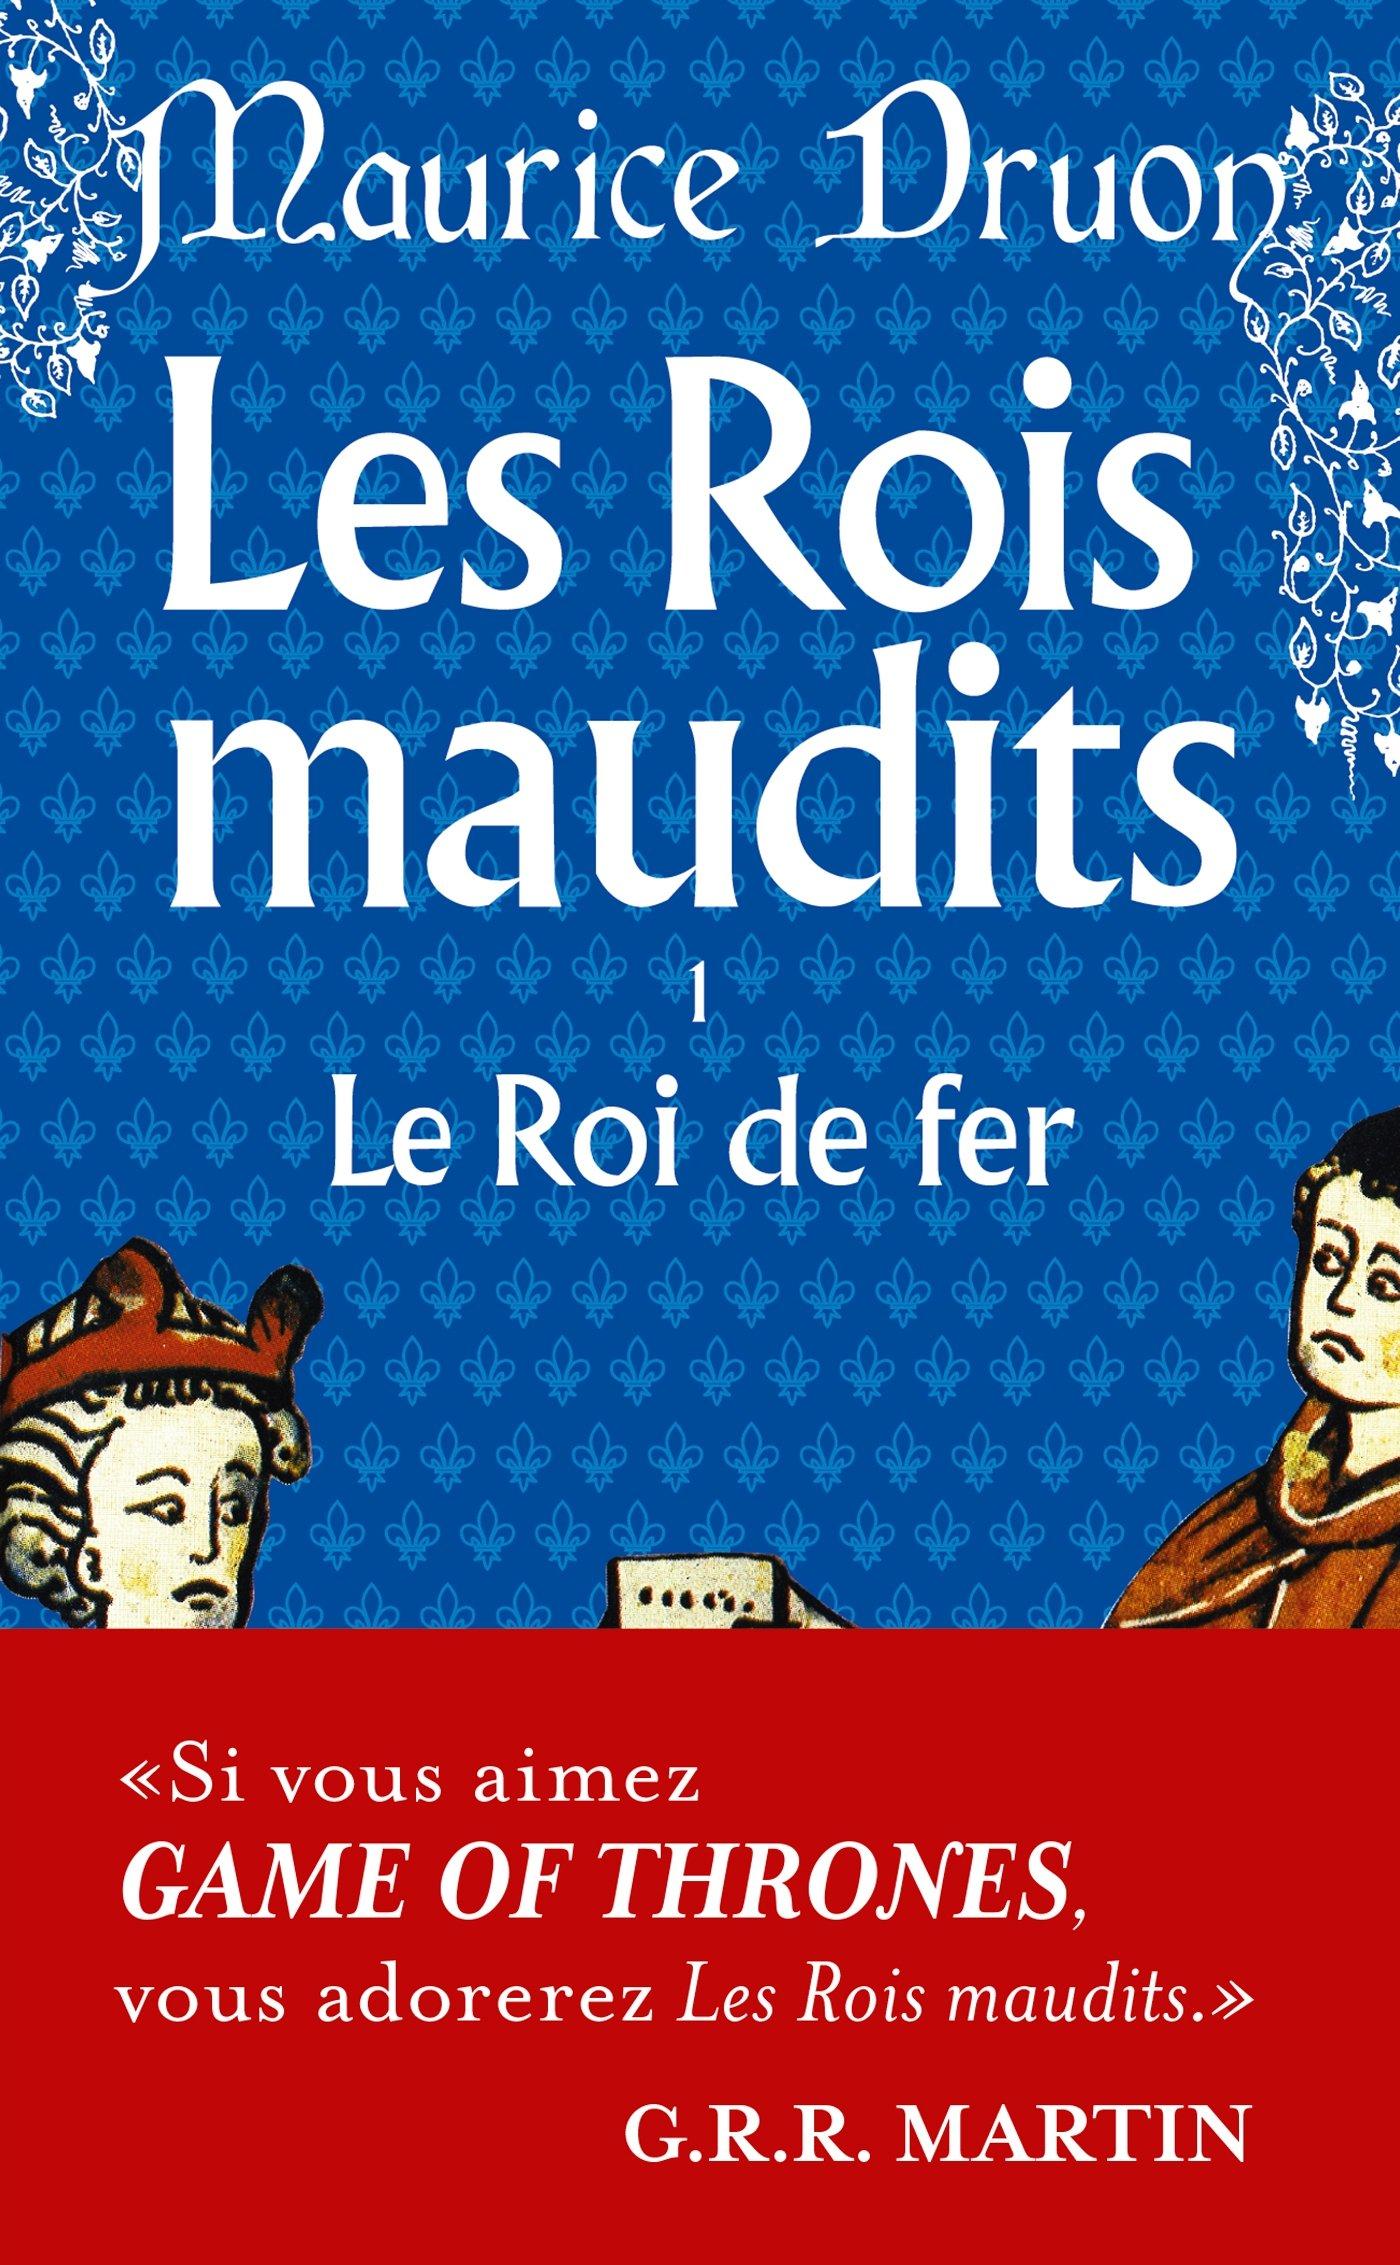 Les rois maudits de Maurice Druon